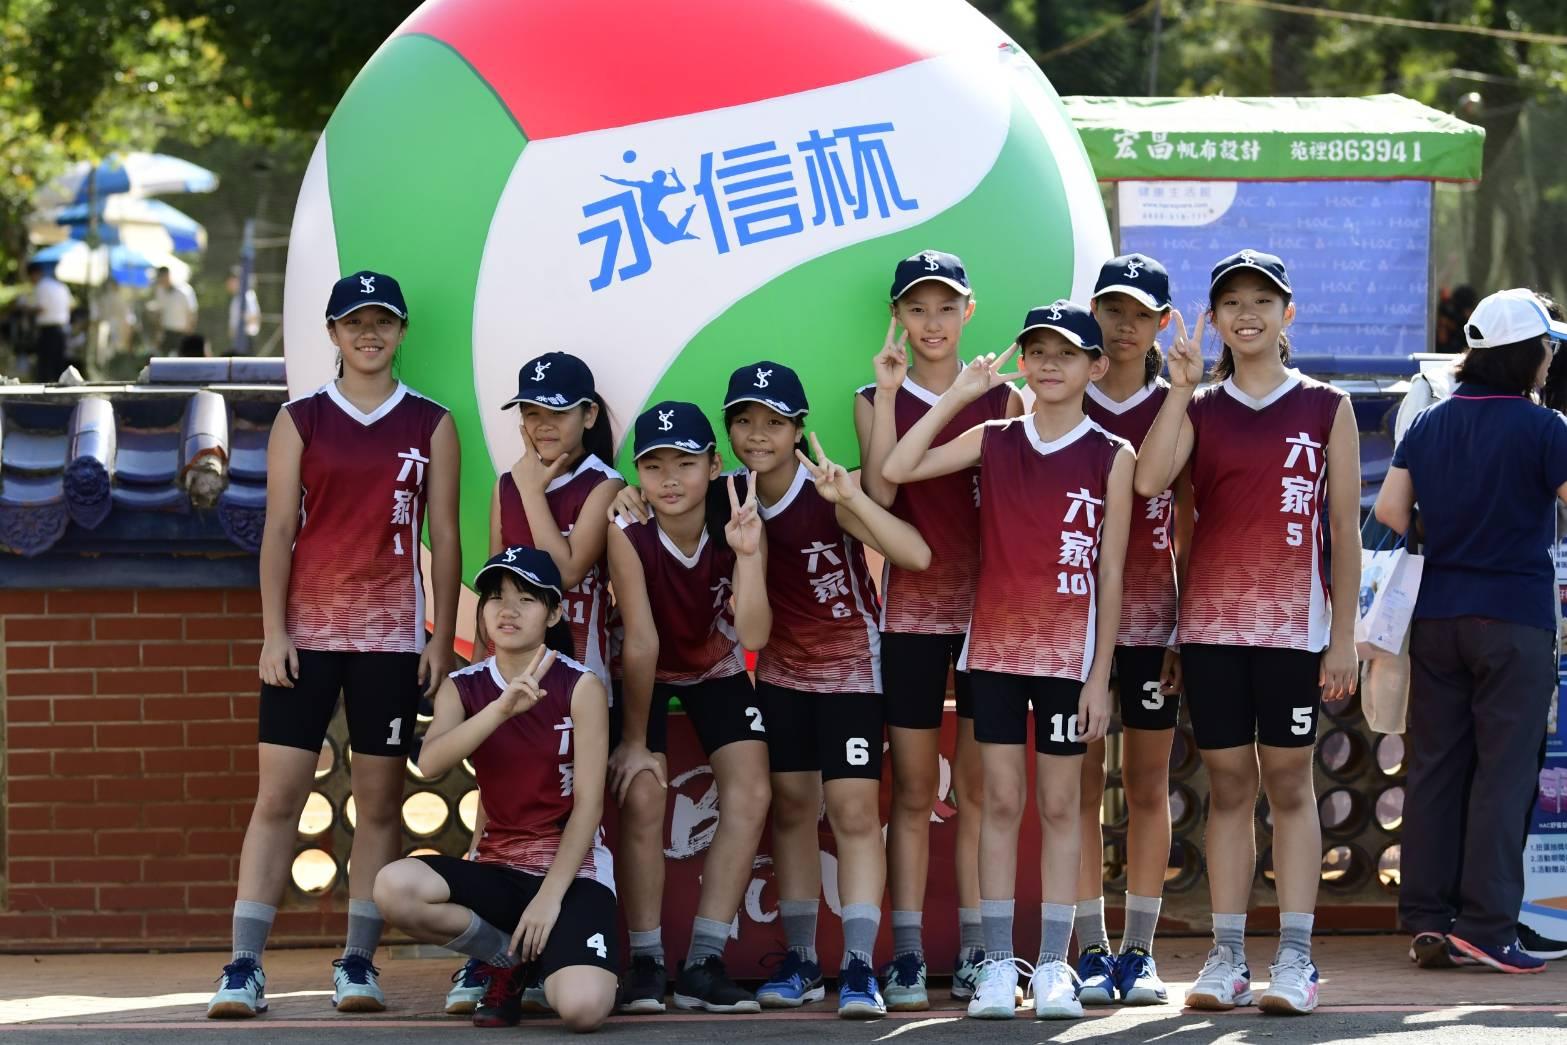 竹縣之光!六家國小排球隊榮獲108年全國第46屆永信盃排球賽雙料冠軍!